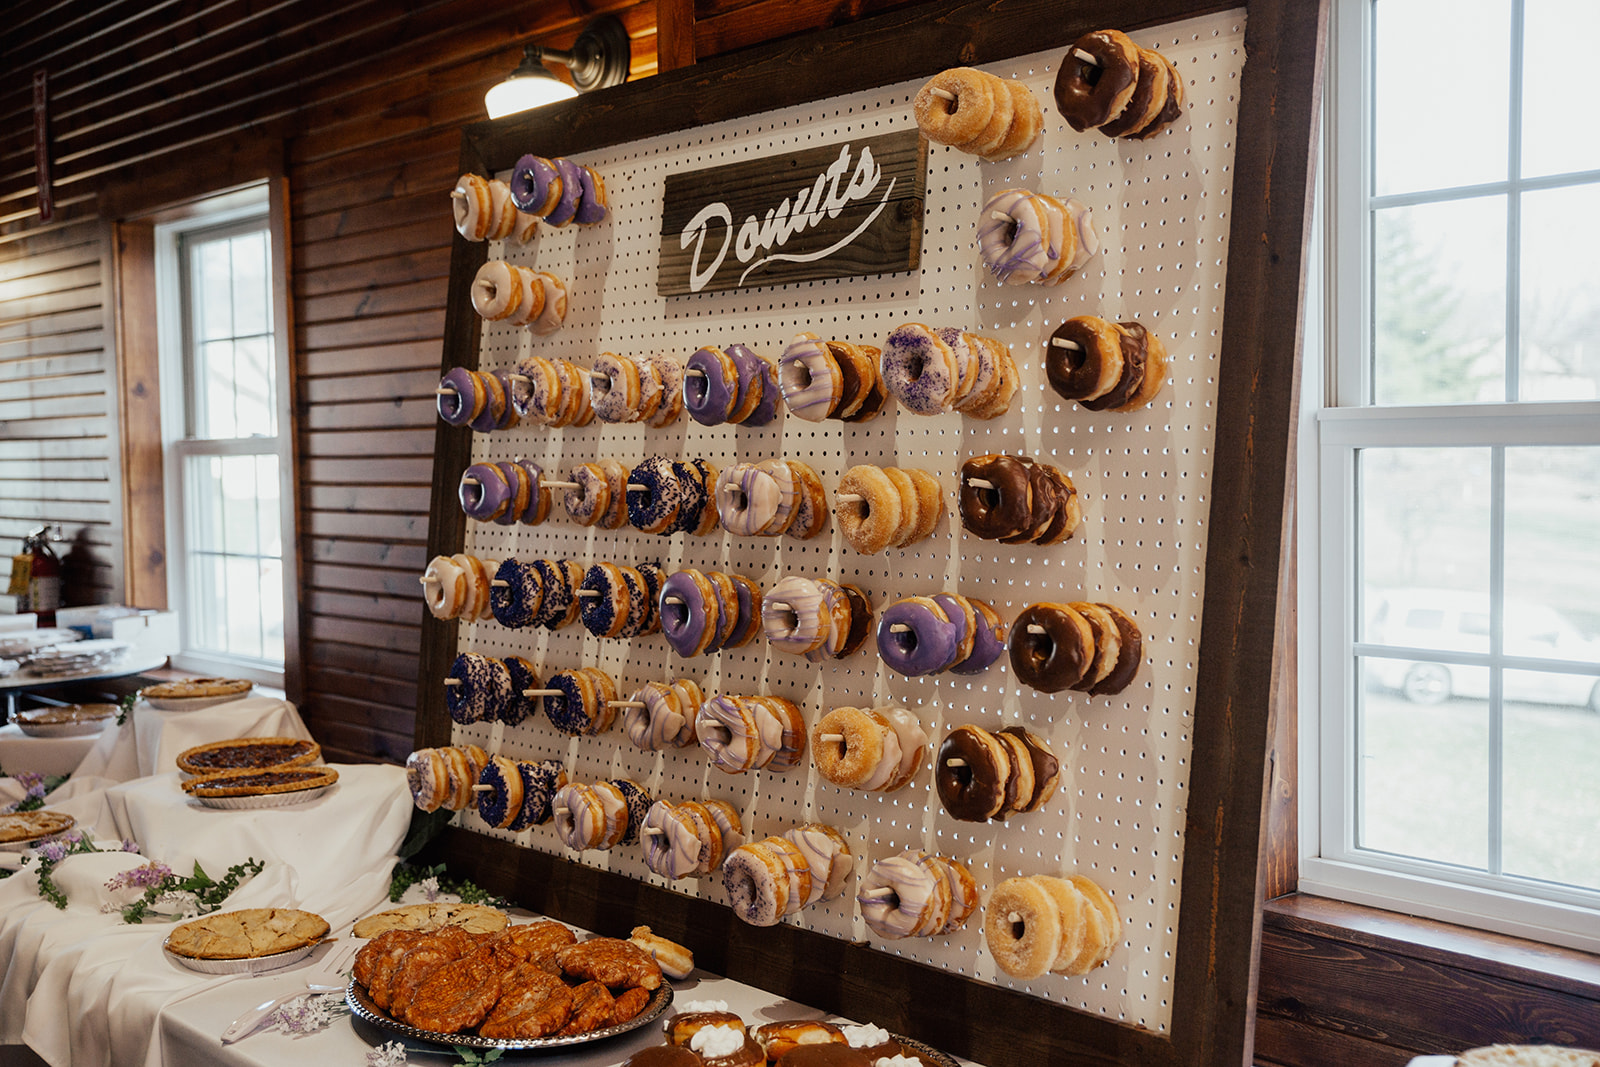 Donut Wall Kansas City